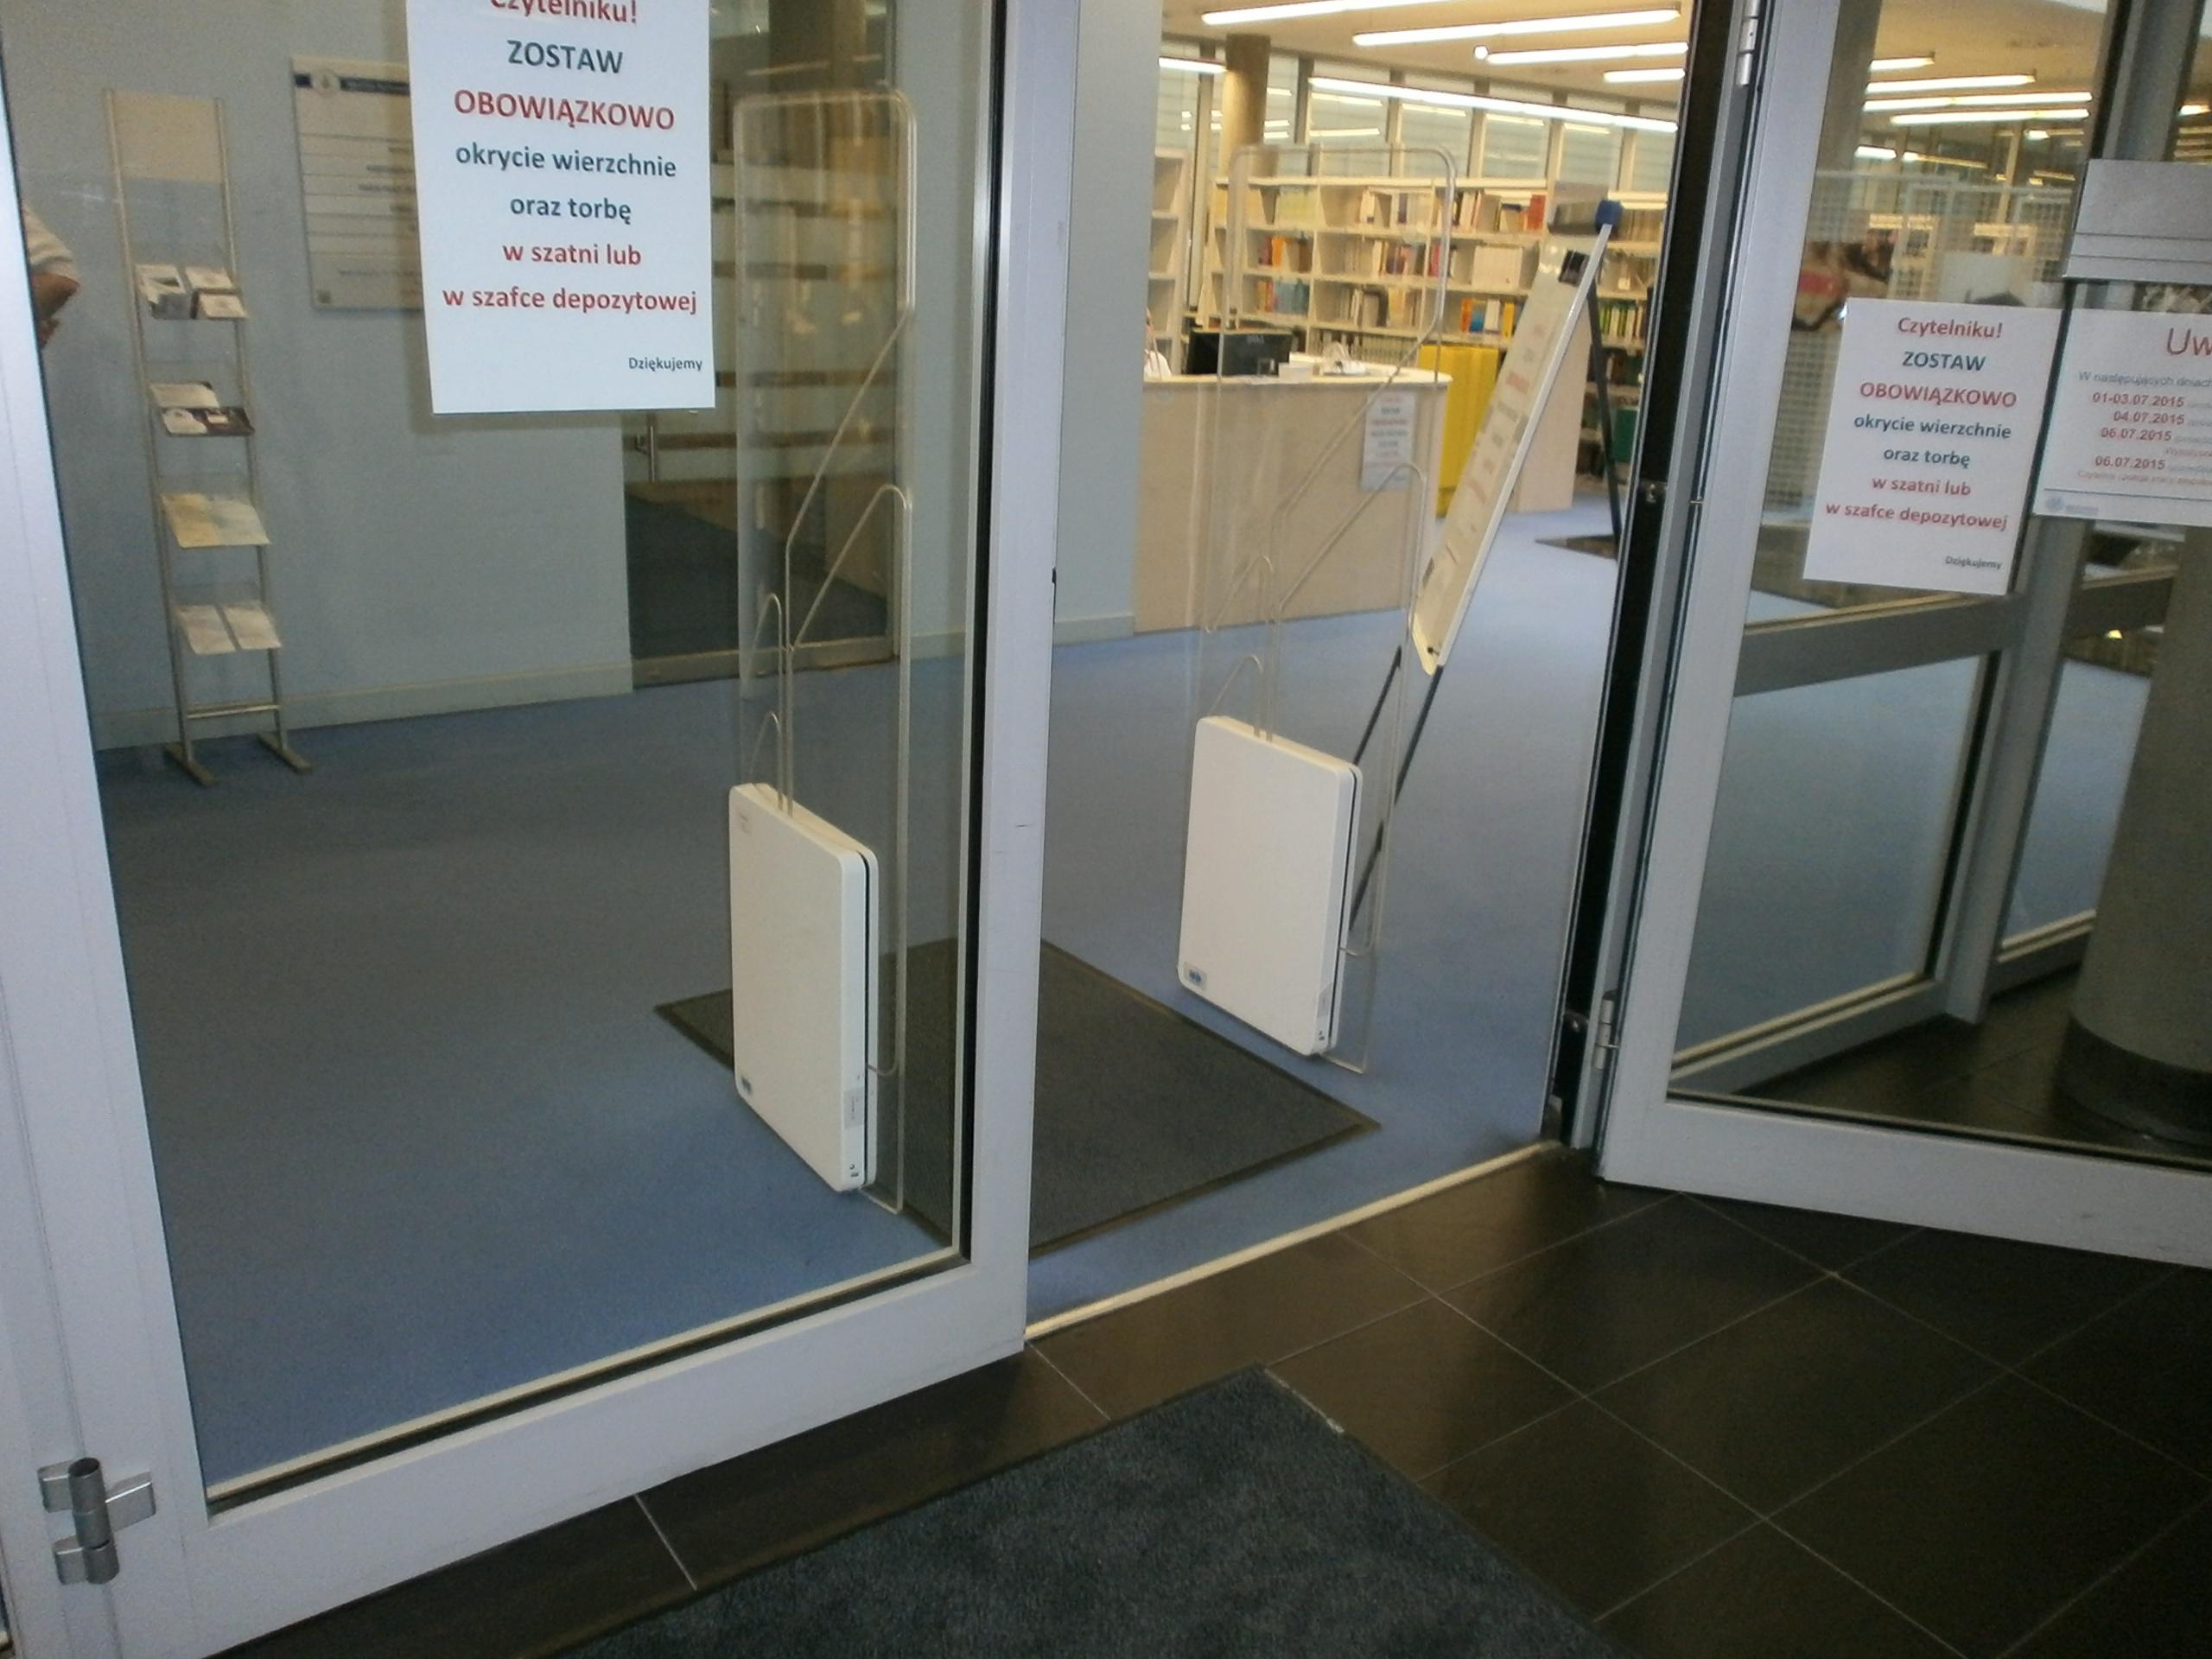 Drzwi do biblioteki